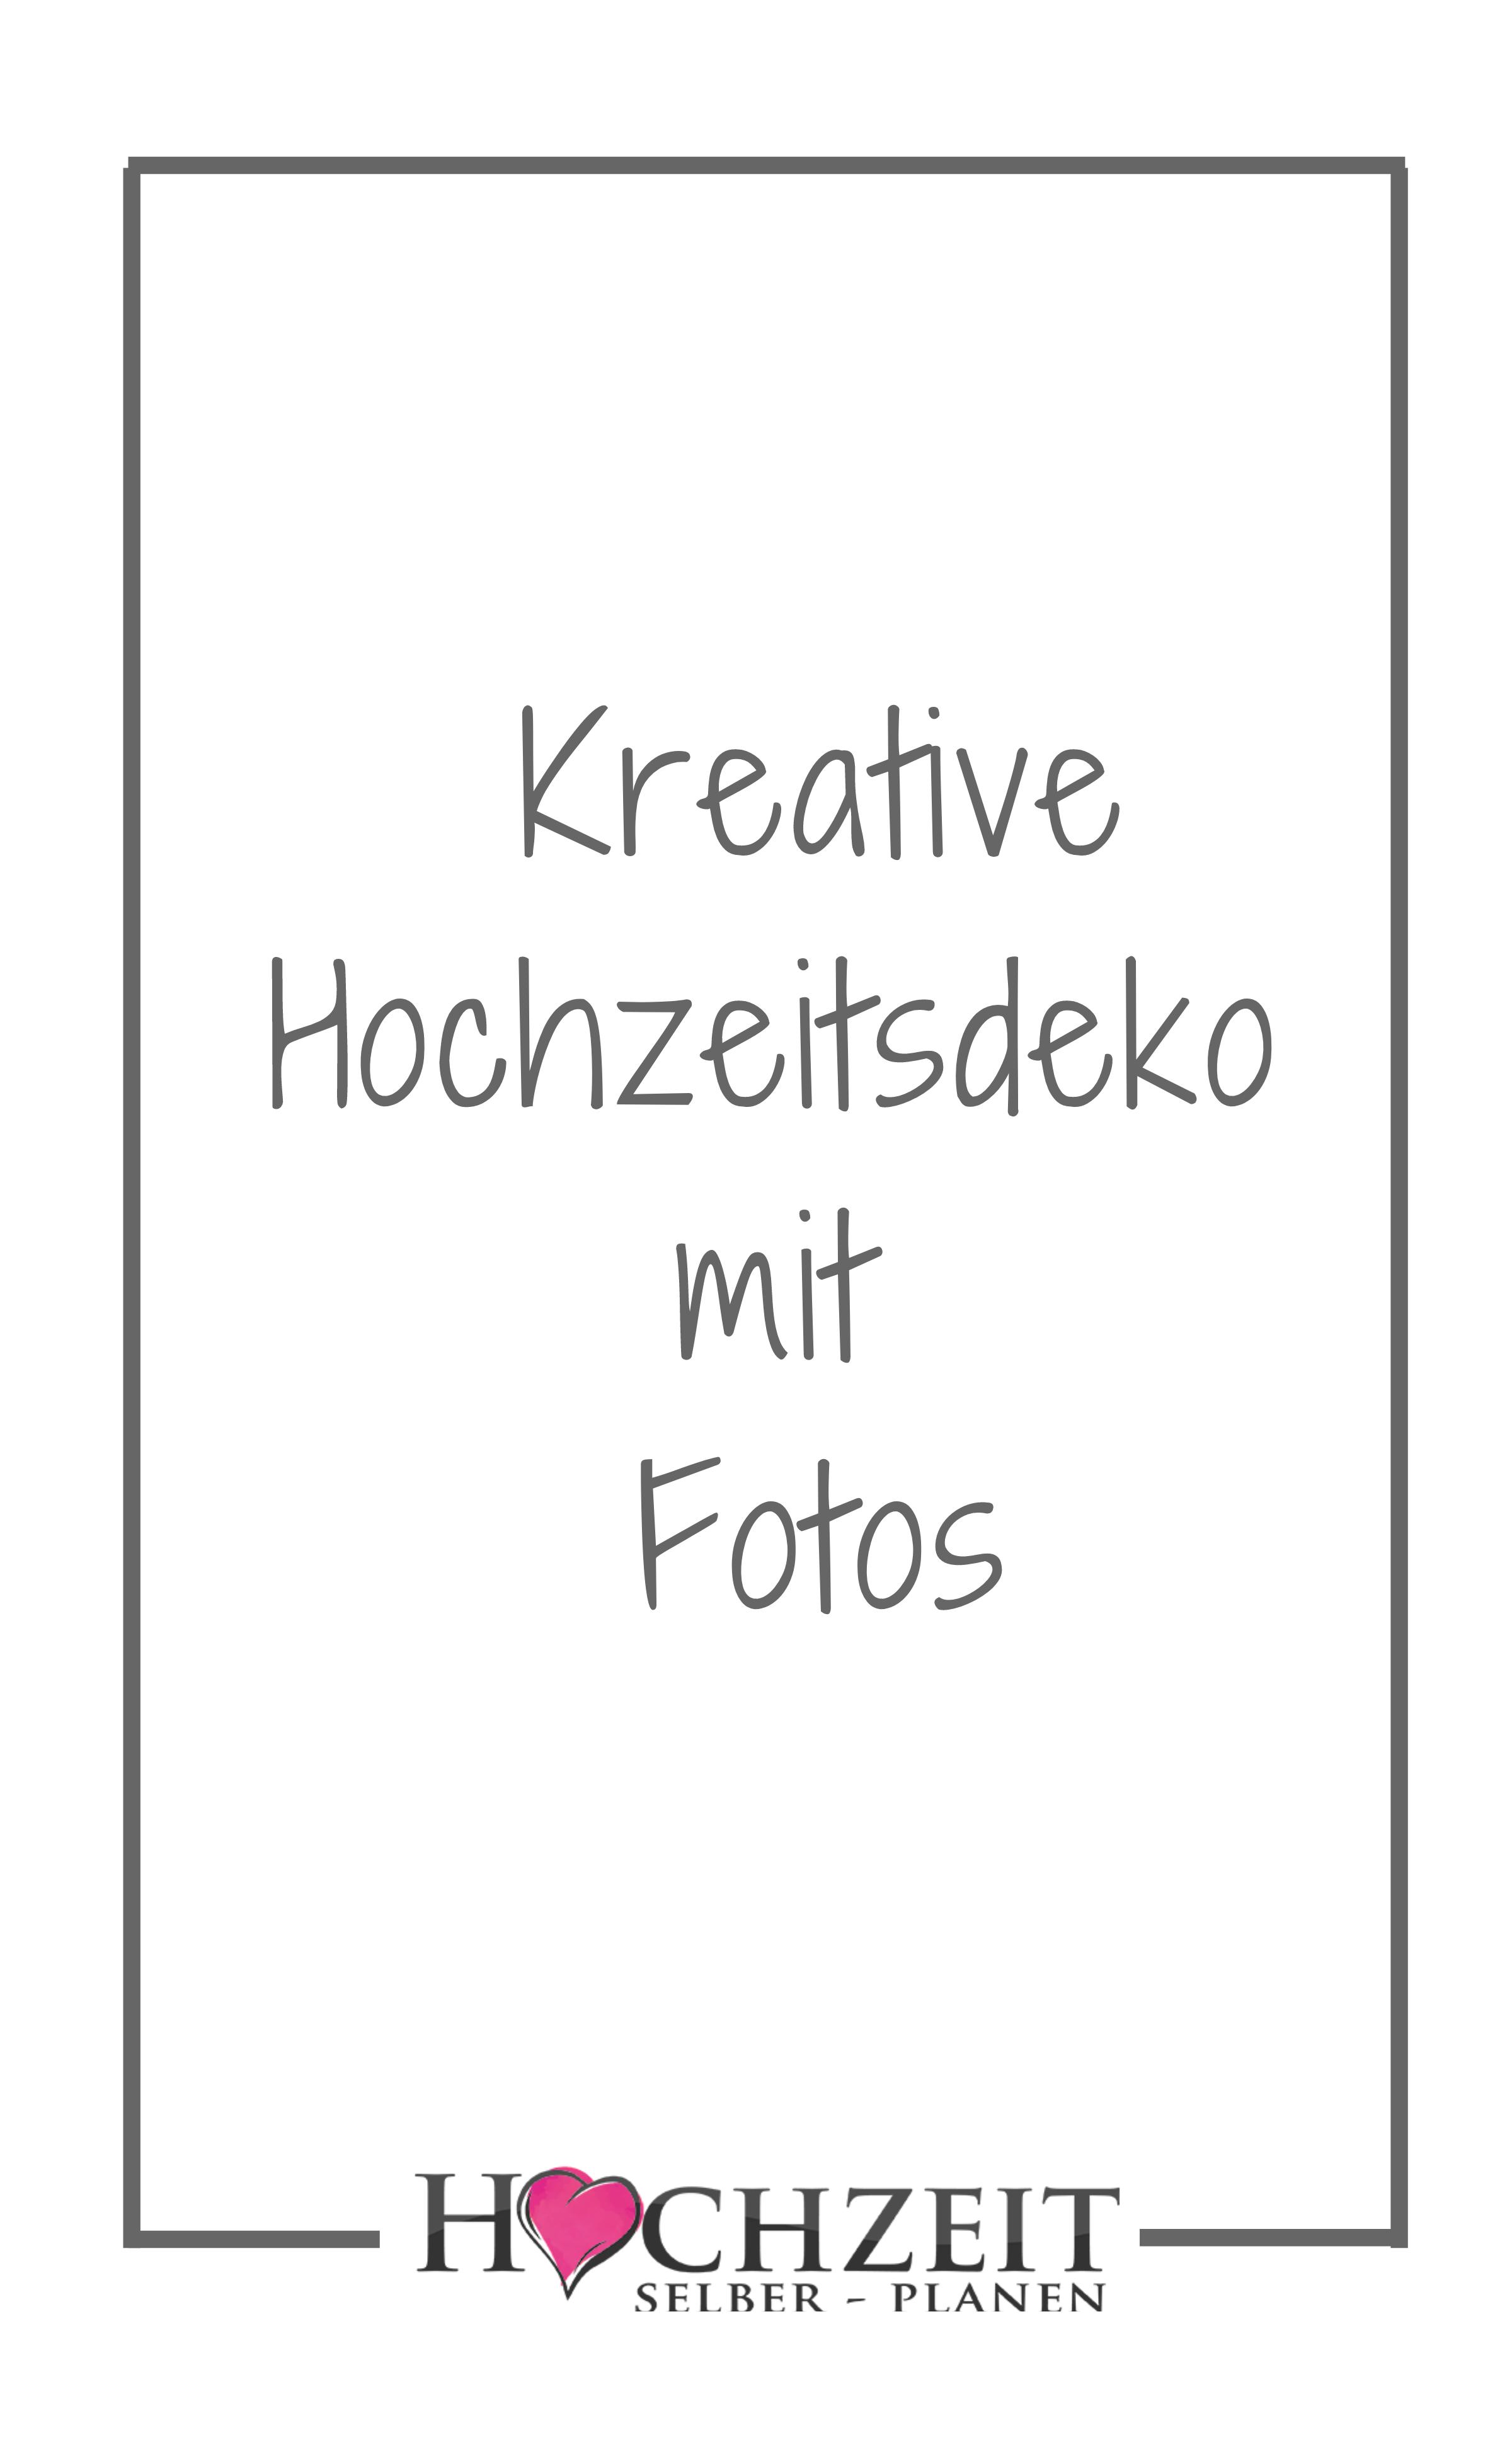 Kreative Hochzeitsdeko Mit Fotos In 2020 Furbitten Hochzeit Gluckwunsche Hochzeit Spruche Zur Goldenen Hochzeit